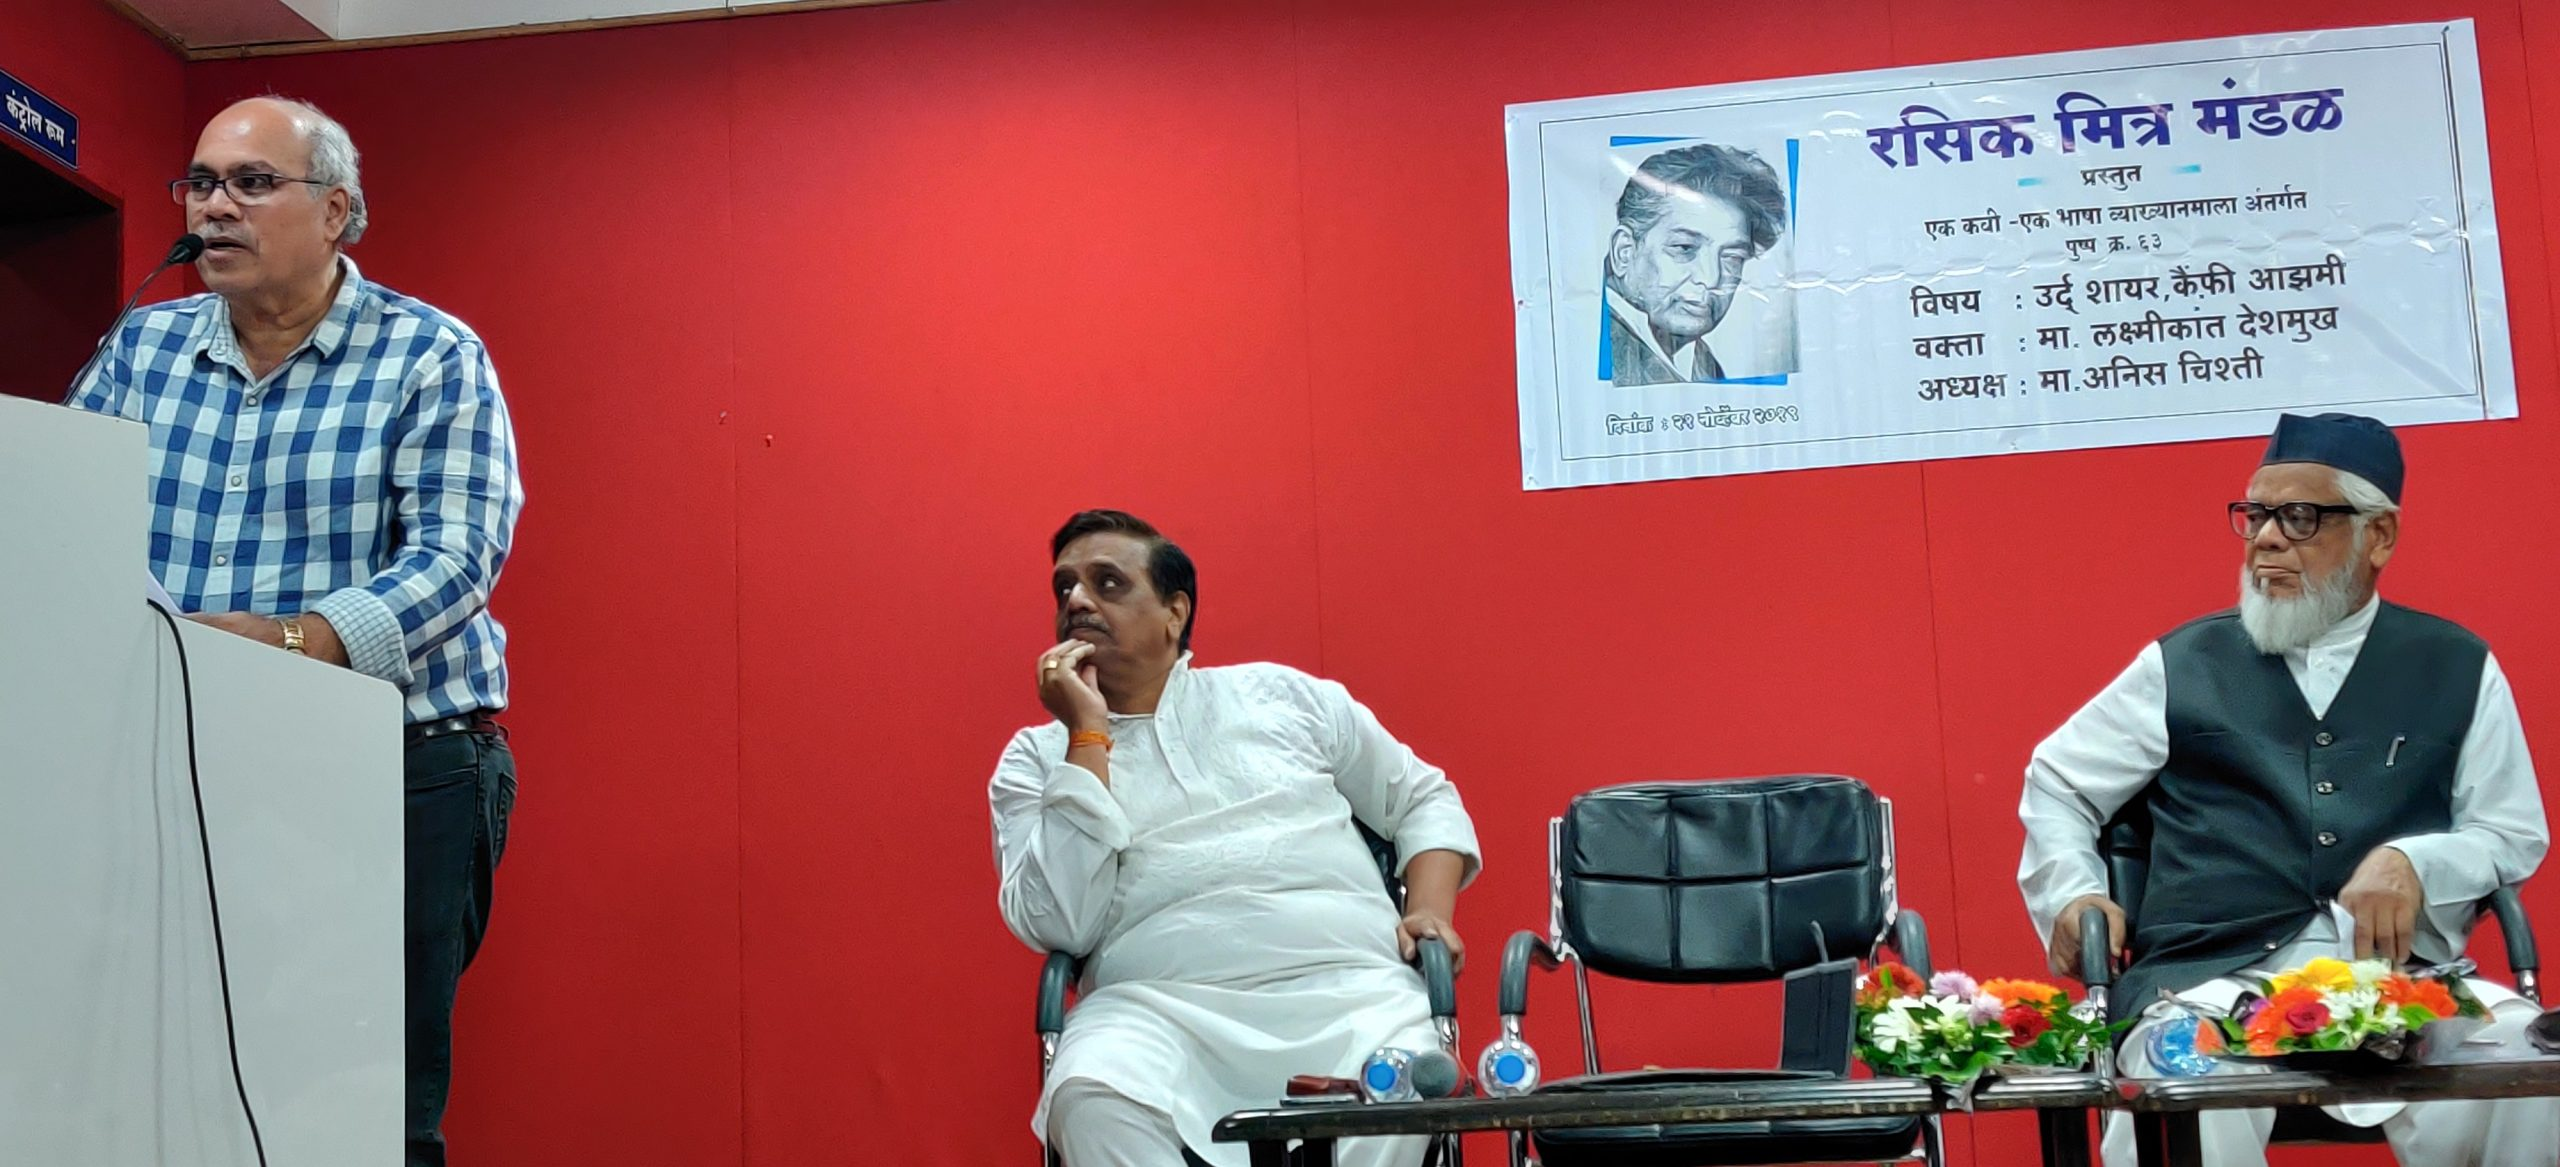 कैफी आझमी हे कौमी एकतेचे प्रतिक: डॉ. लक्ष्मीकांत देशमुख